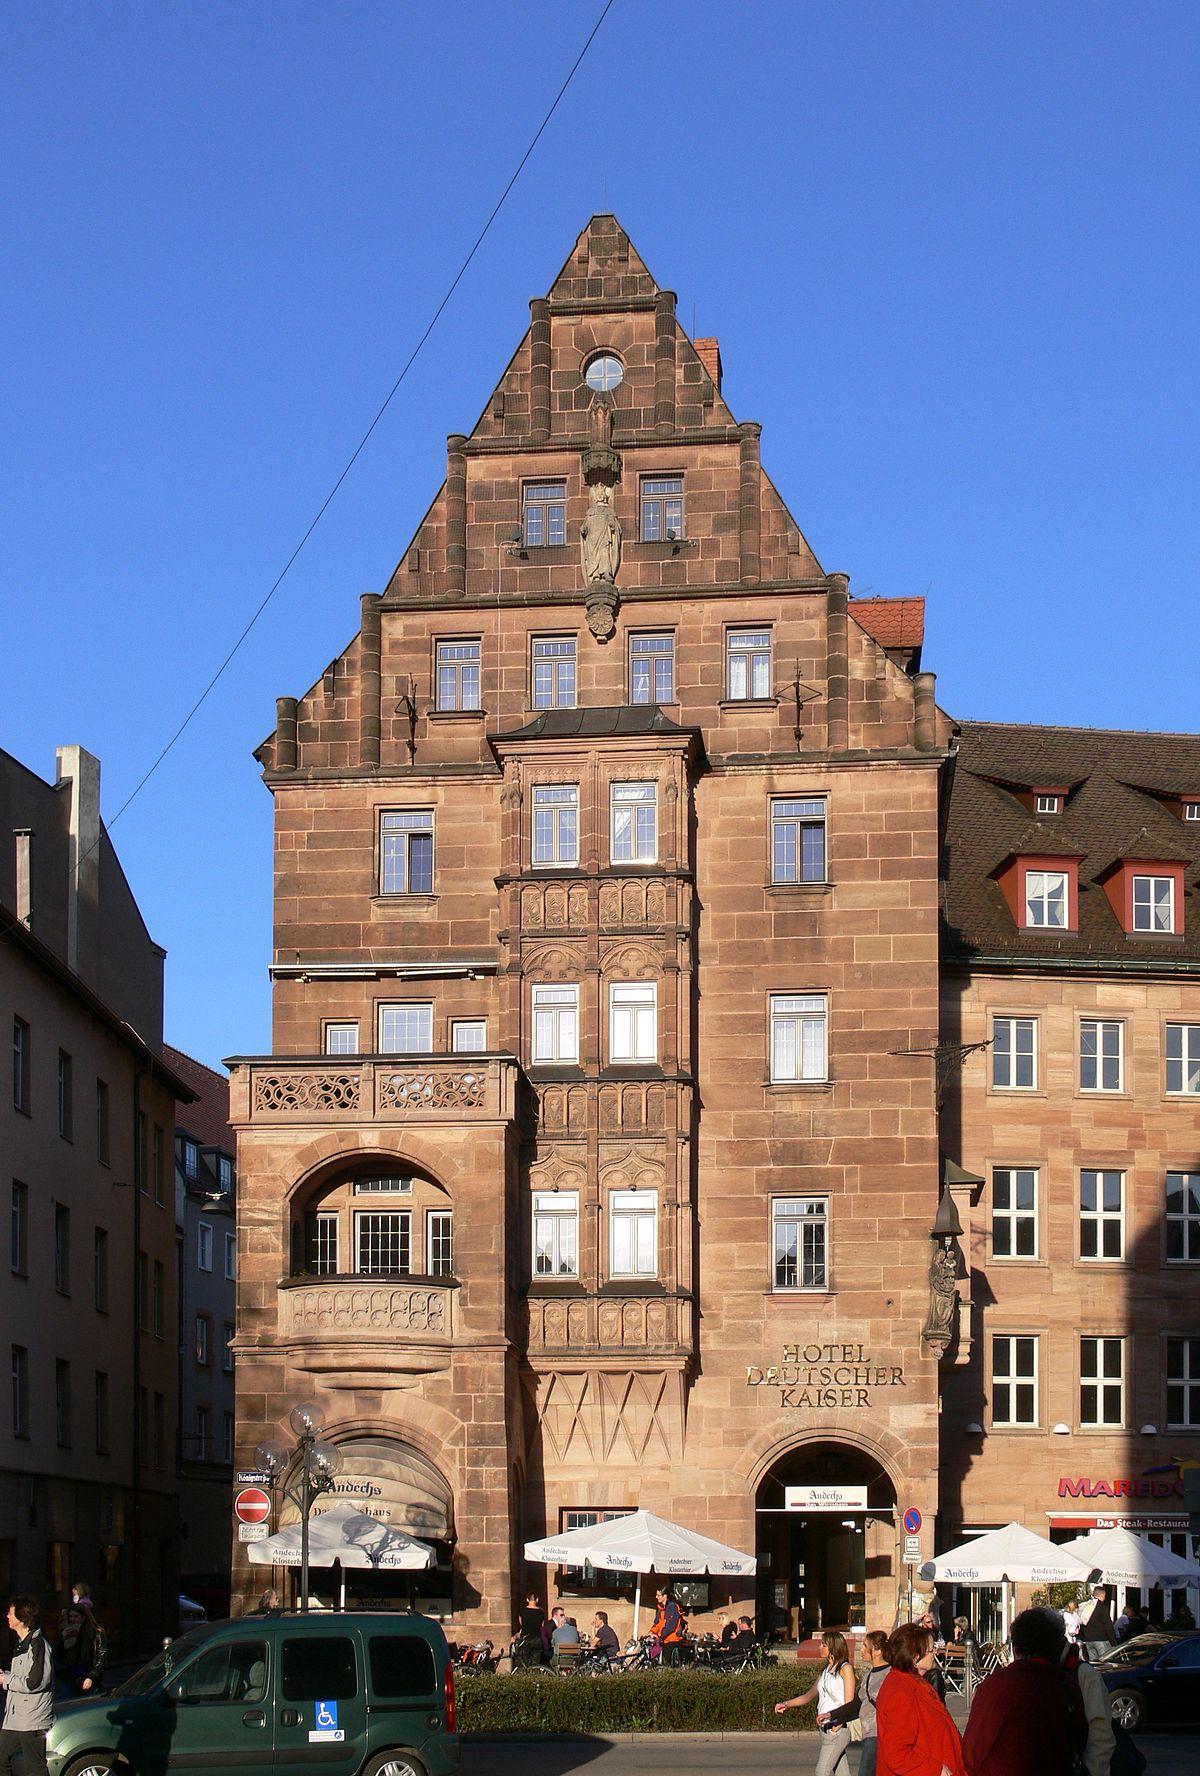 Hotel Deutscher Kaiser Nrnberg Wikipedia